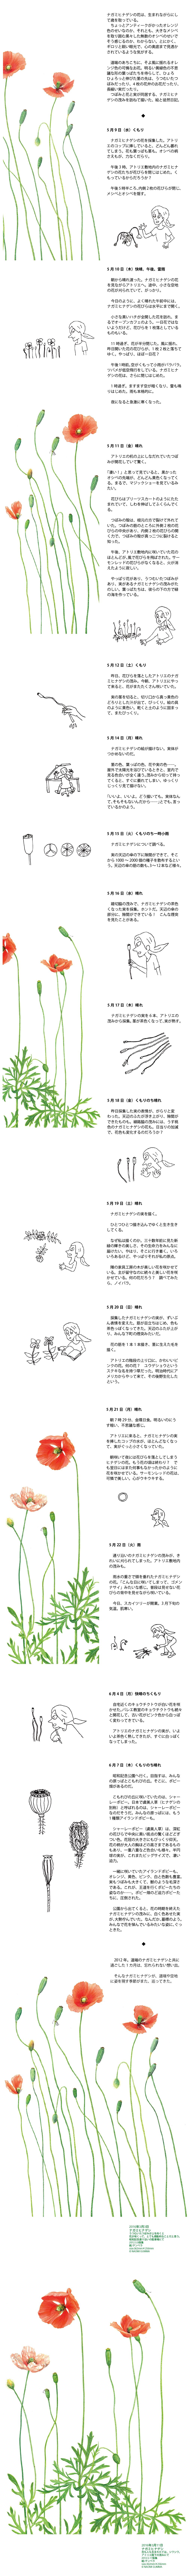 葉画家・群馬直美さんのアートコラム Second season 第3回イメージ1